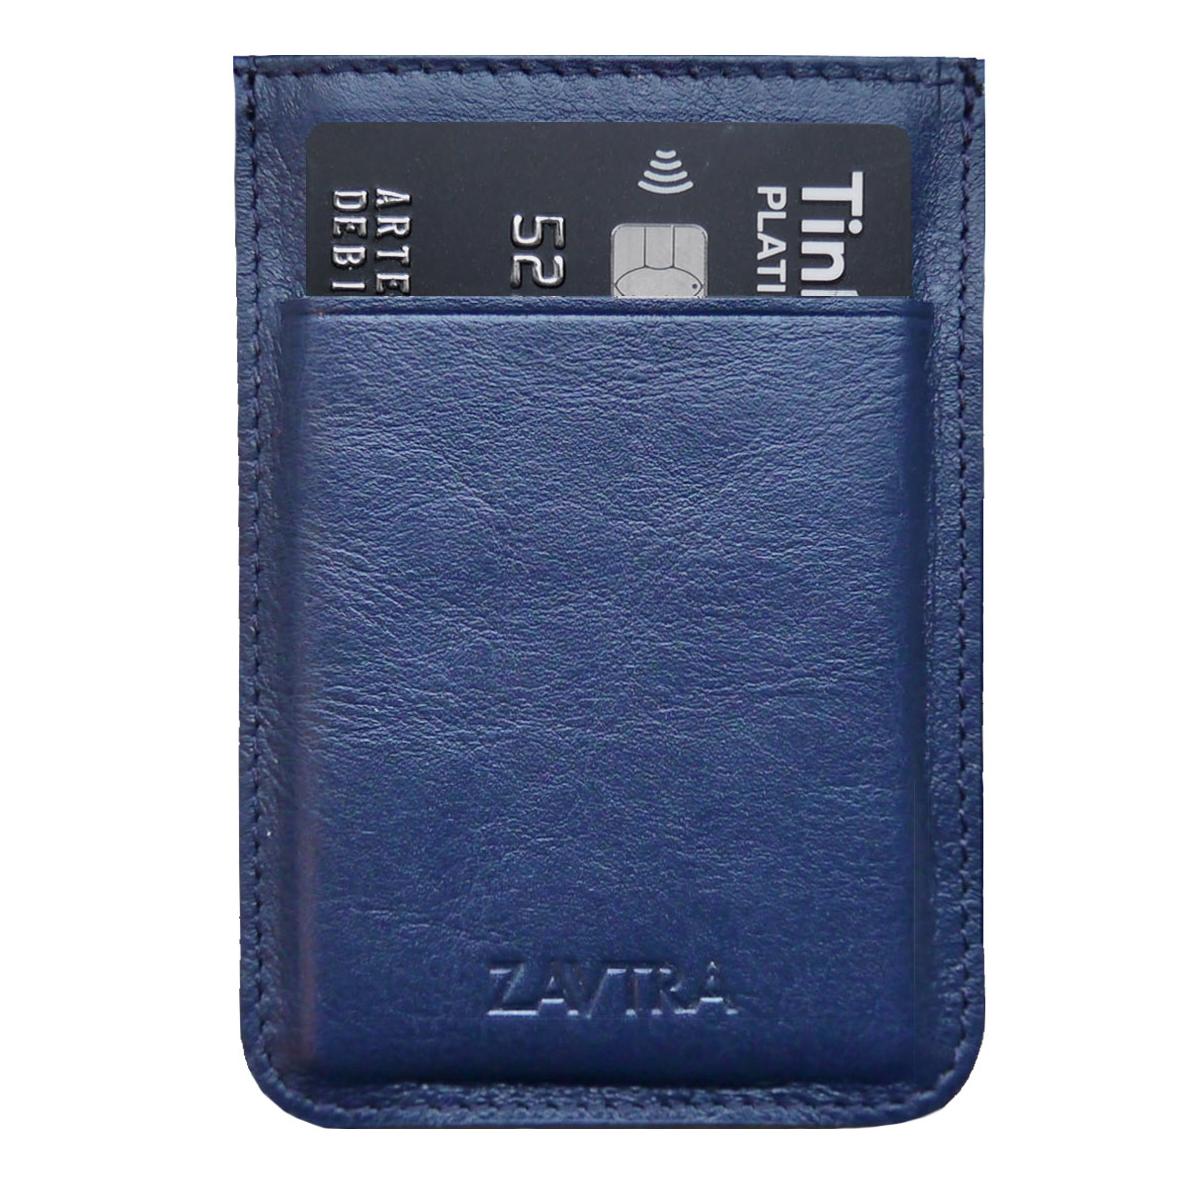 Кошелек Zavtra, цвет: темно-синий. zav01bluzav01bluКомпактный кошелек ZAVTRA, выполненный из натуральной кожи, вмещает 4-5 банковских или визитных карт, права или пропуск и имеет фиксатор для купюр.